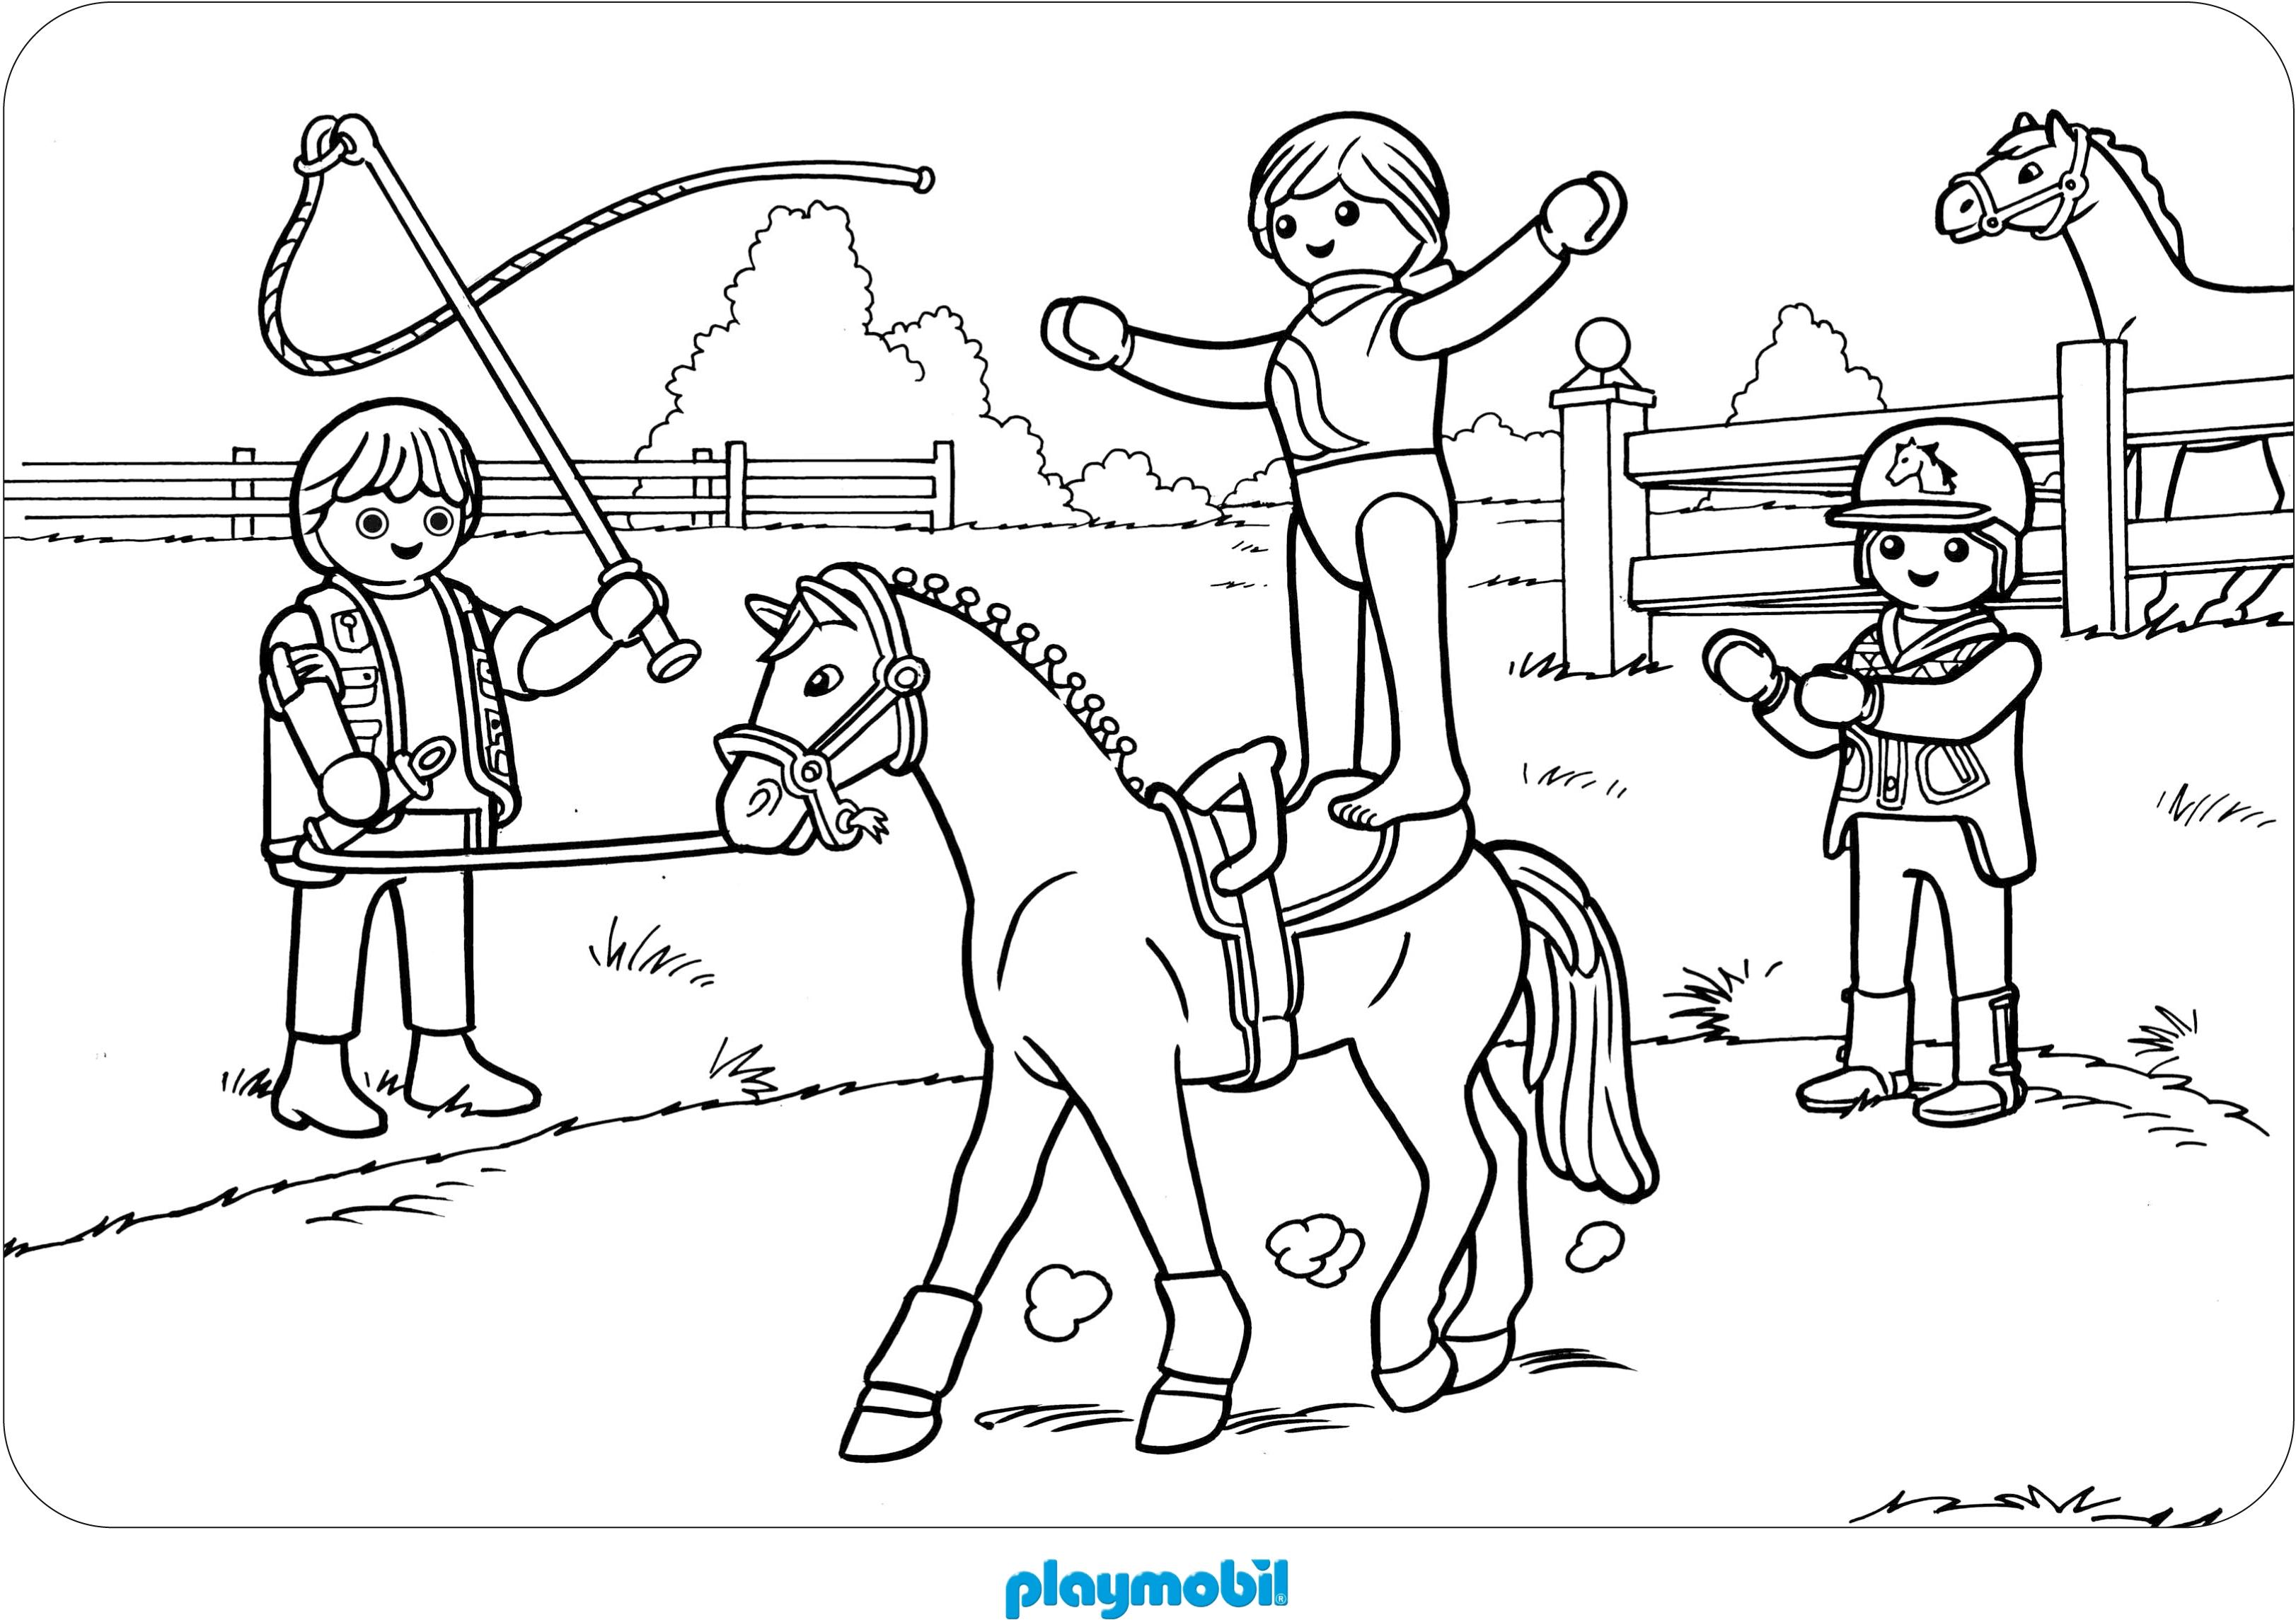 Malvorlagen Zeichnen Ausmalbilder Playmobil